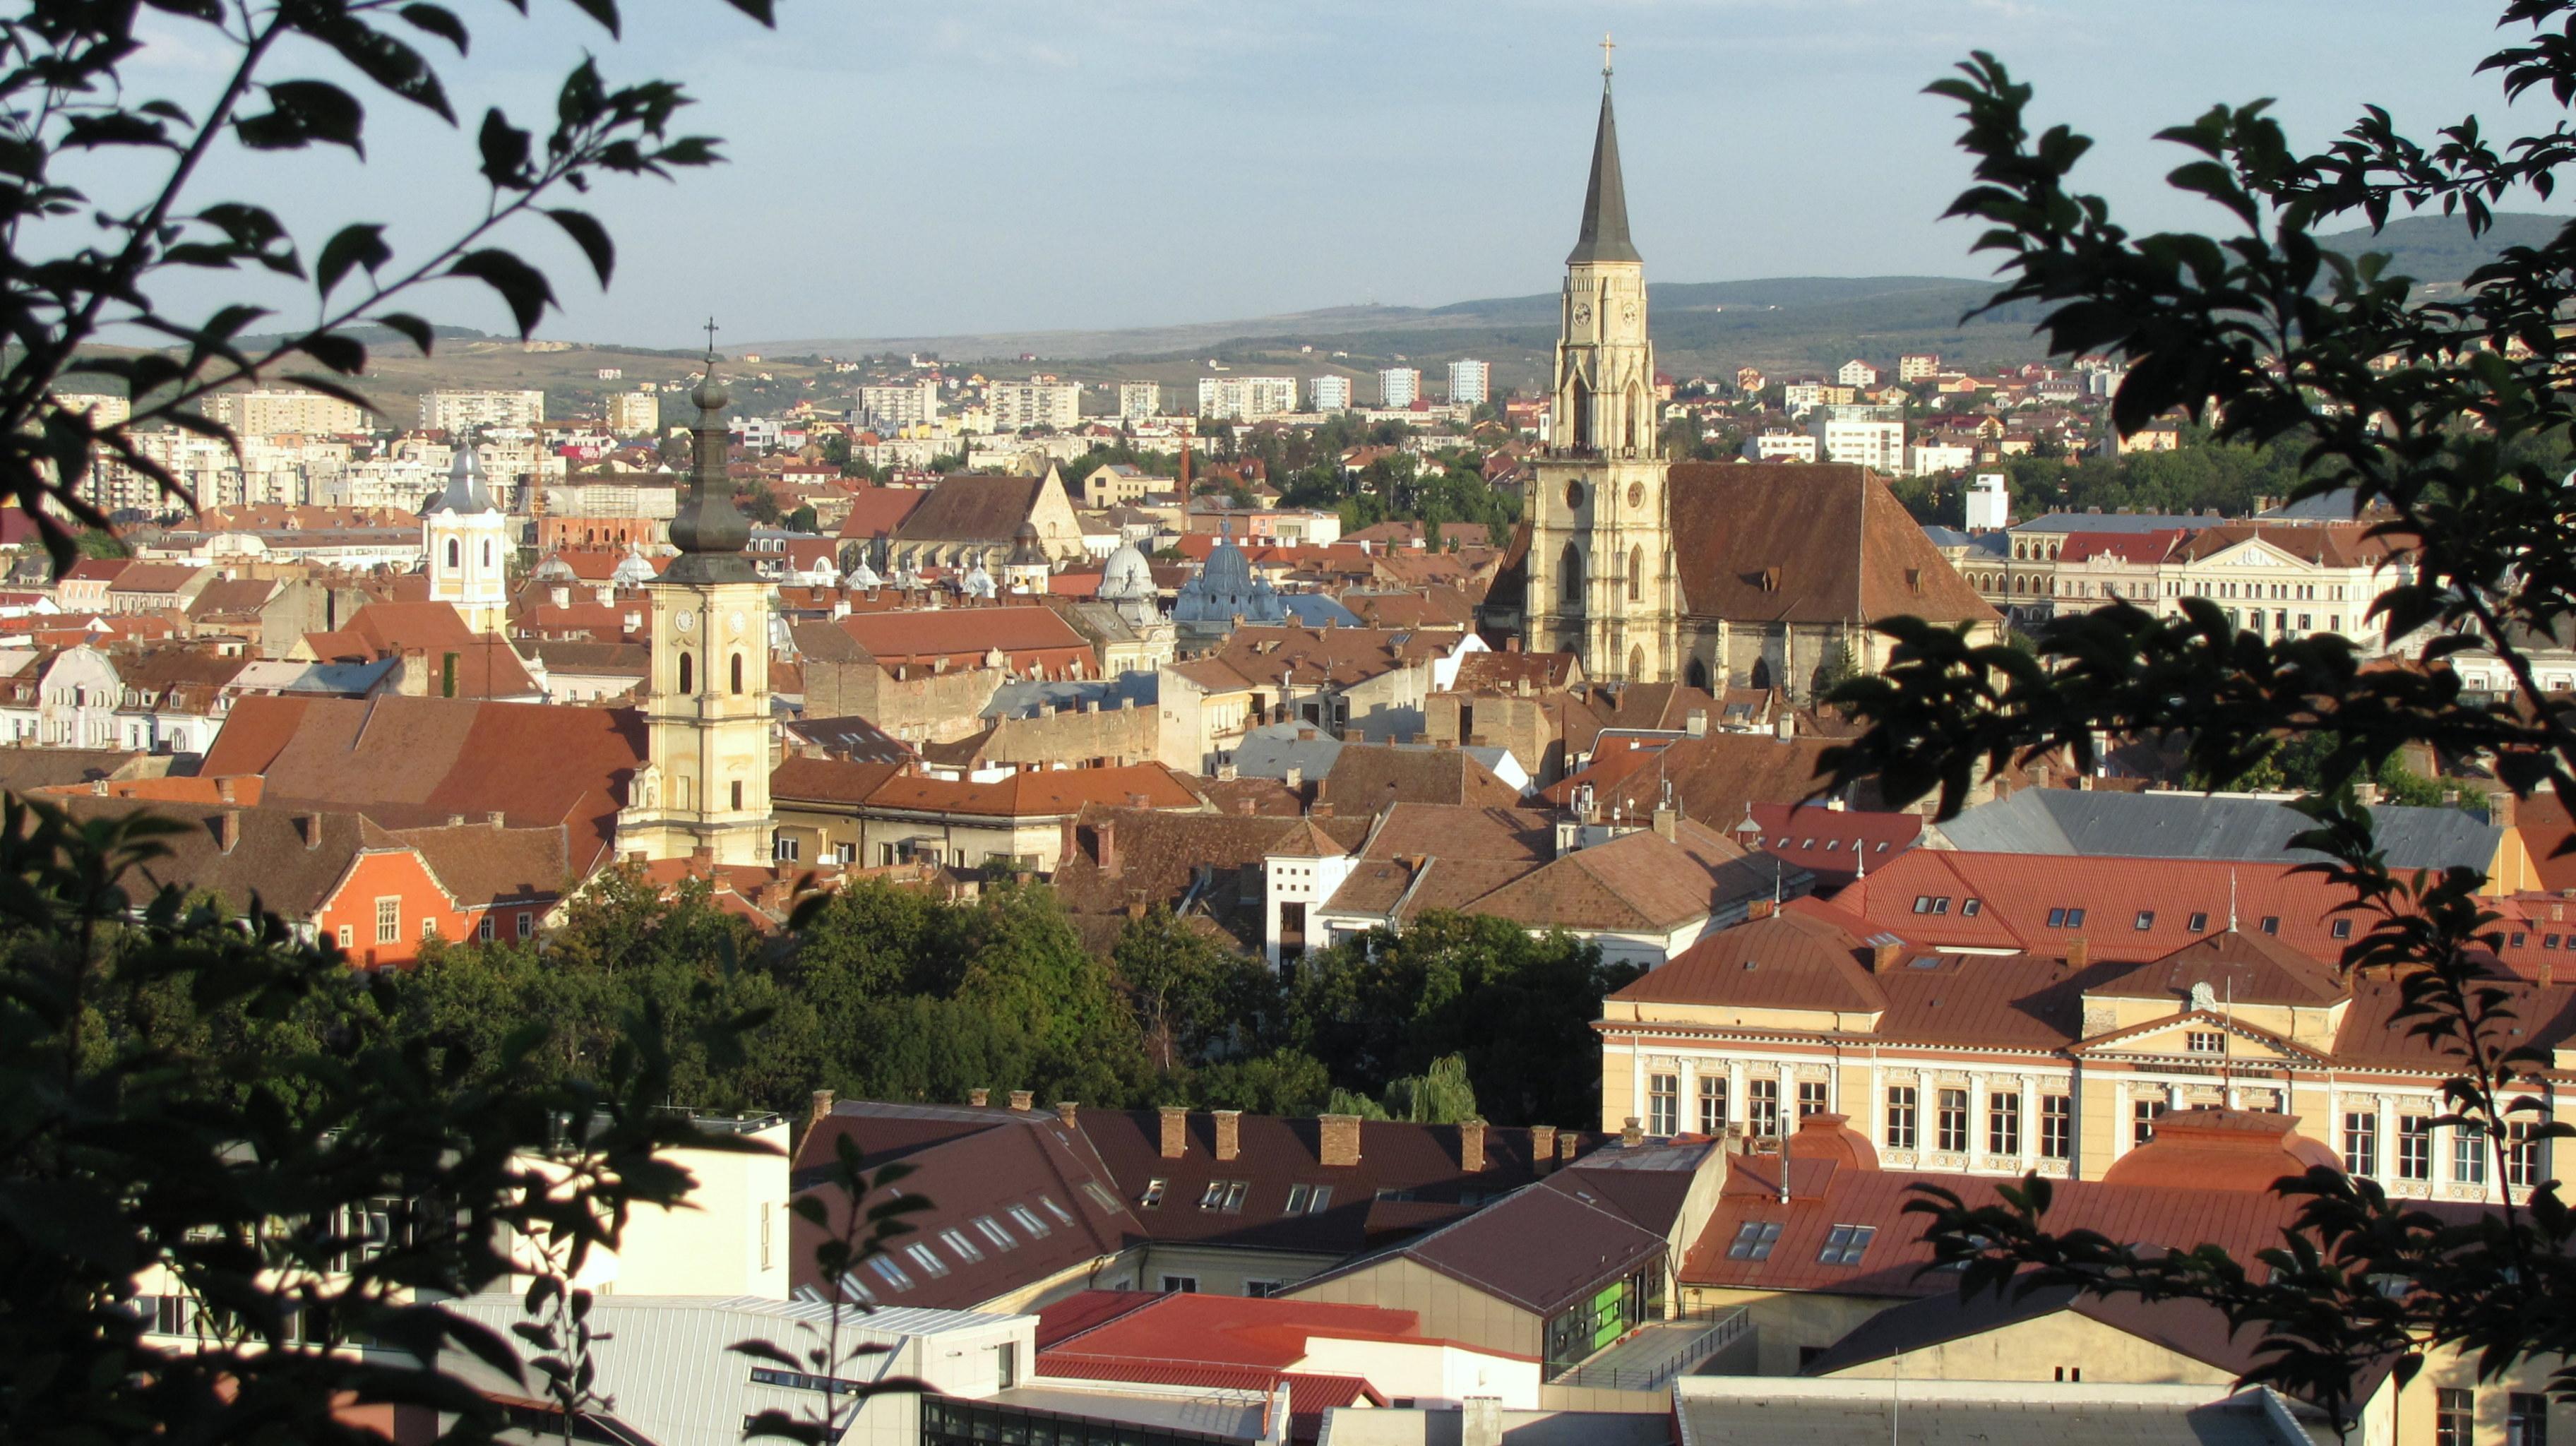 Cluj Napoca hastighet dating født på ny Christian datingside i Sør-Afrika